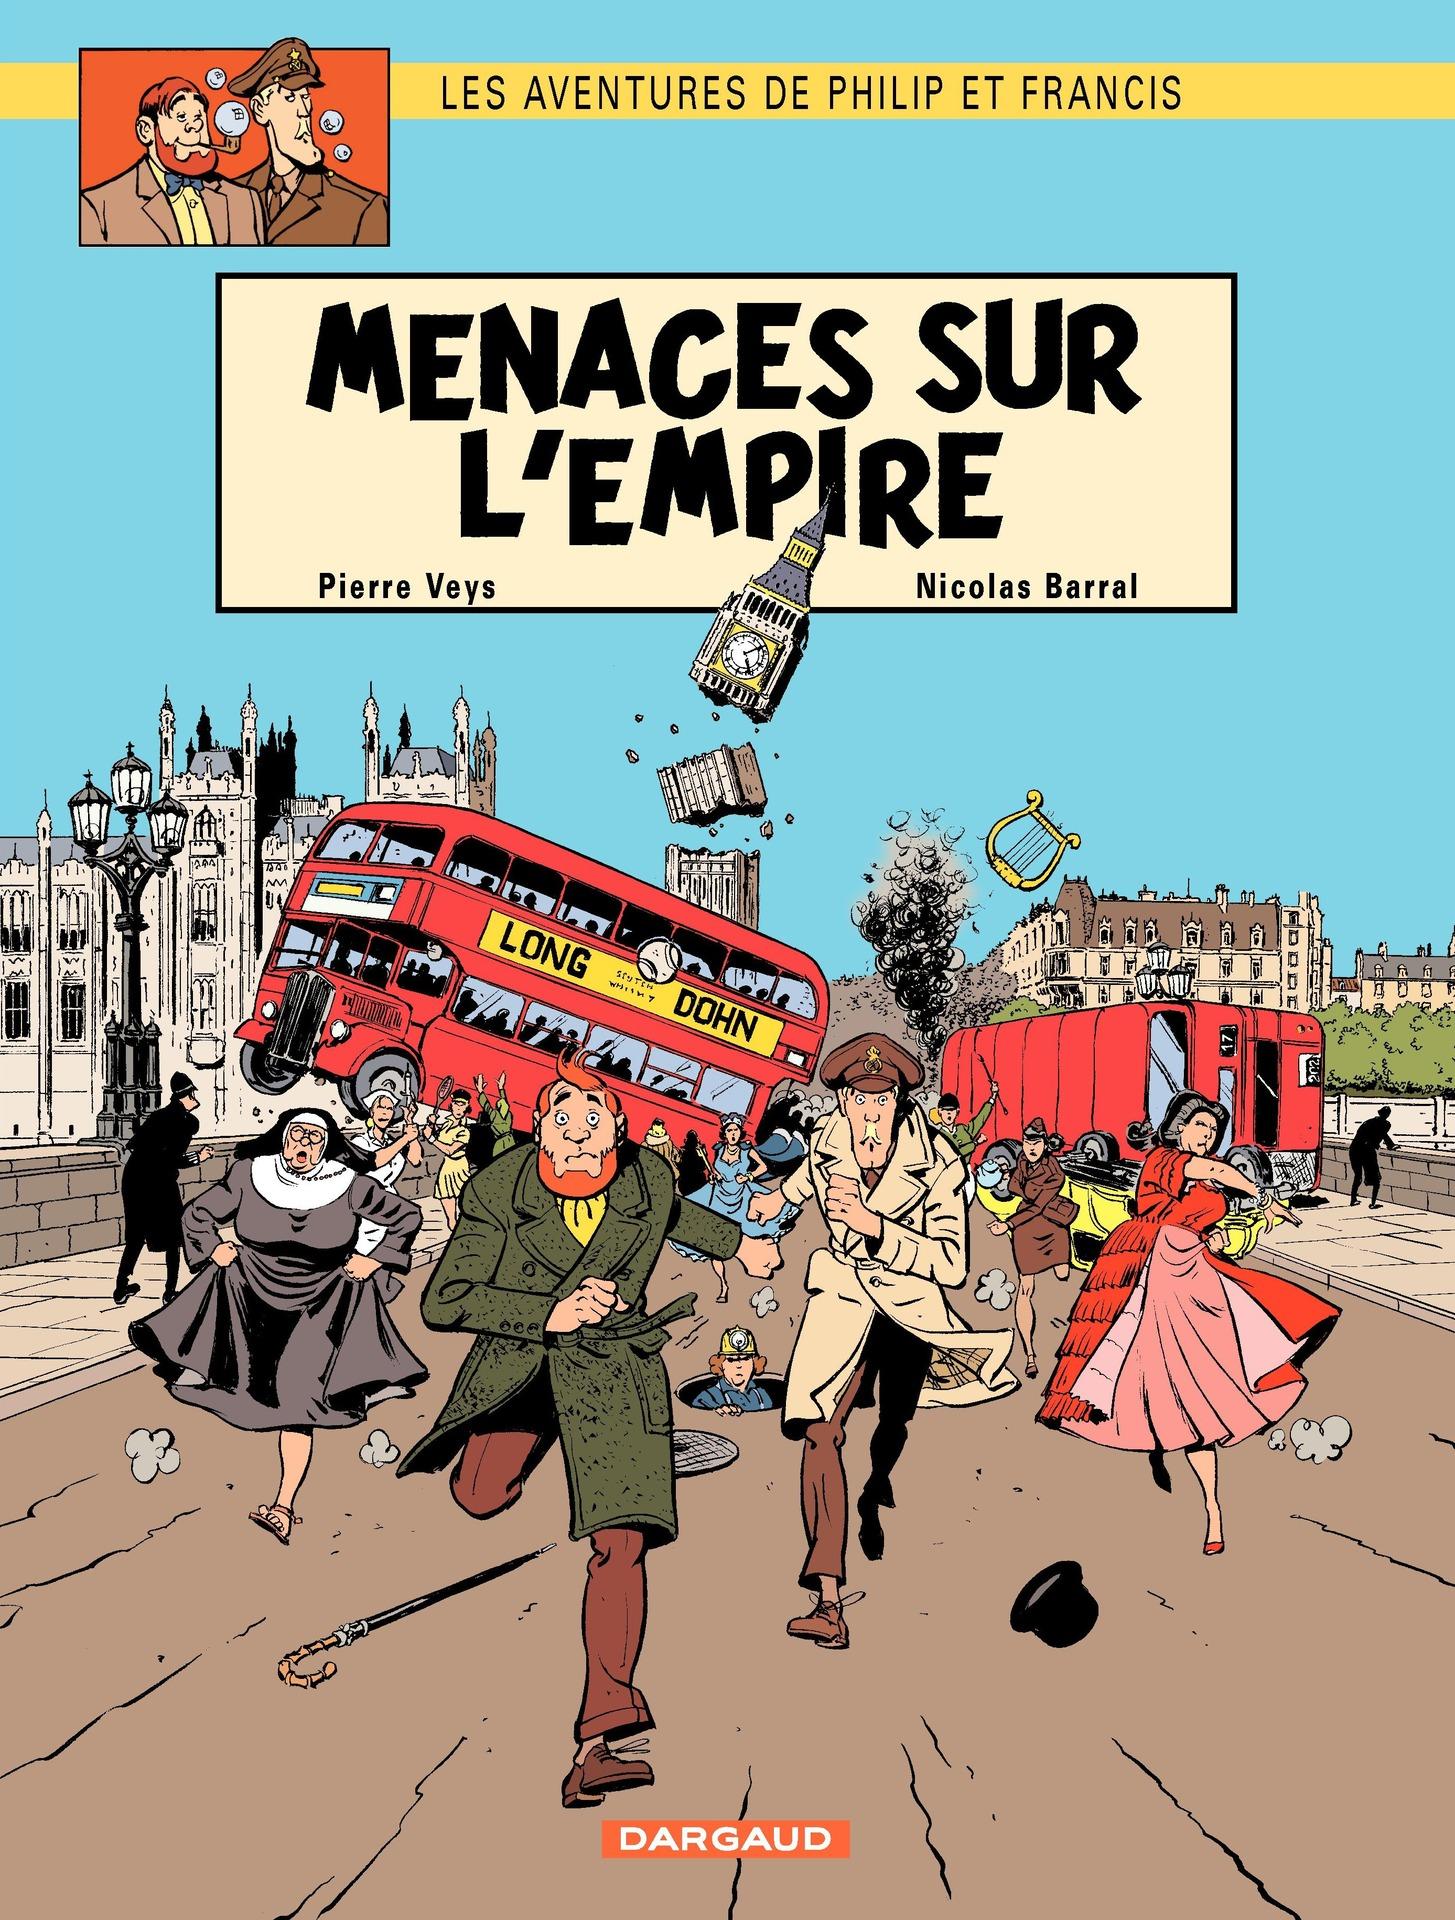 Les aventures de Philip et Francis - Tome 1 - Menaces sur l'Empire